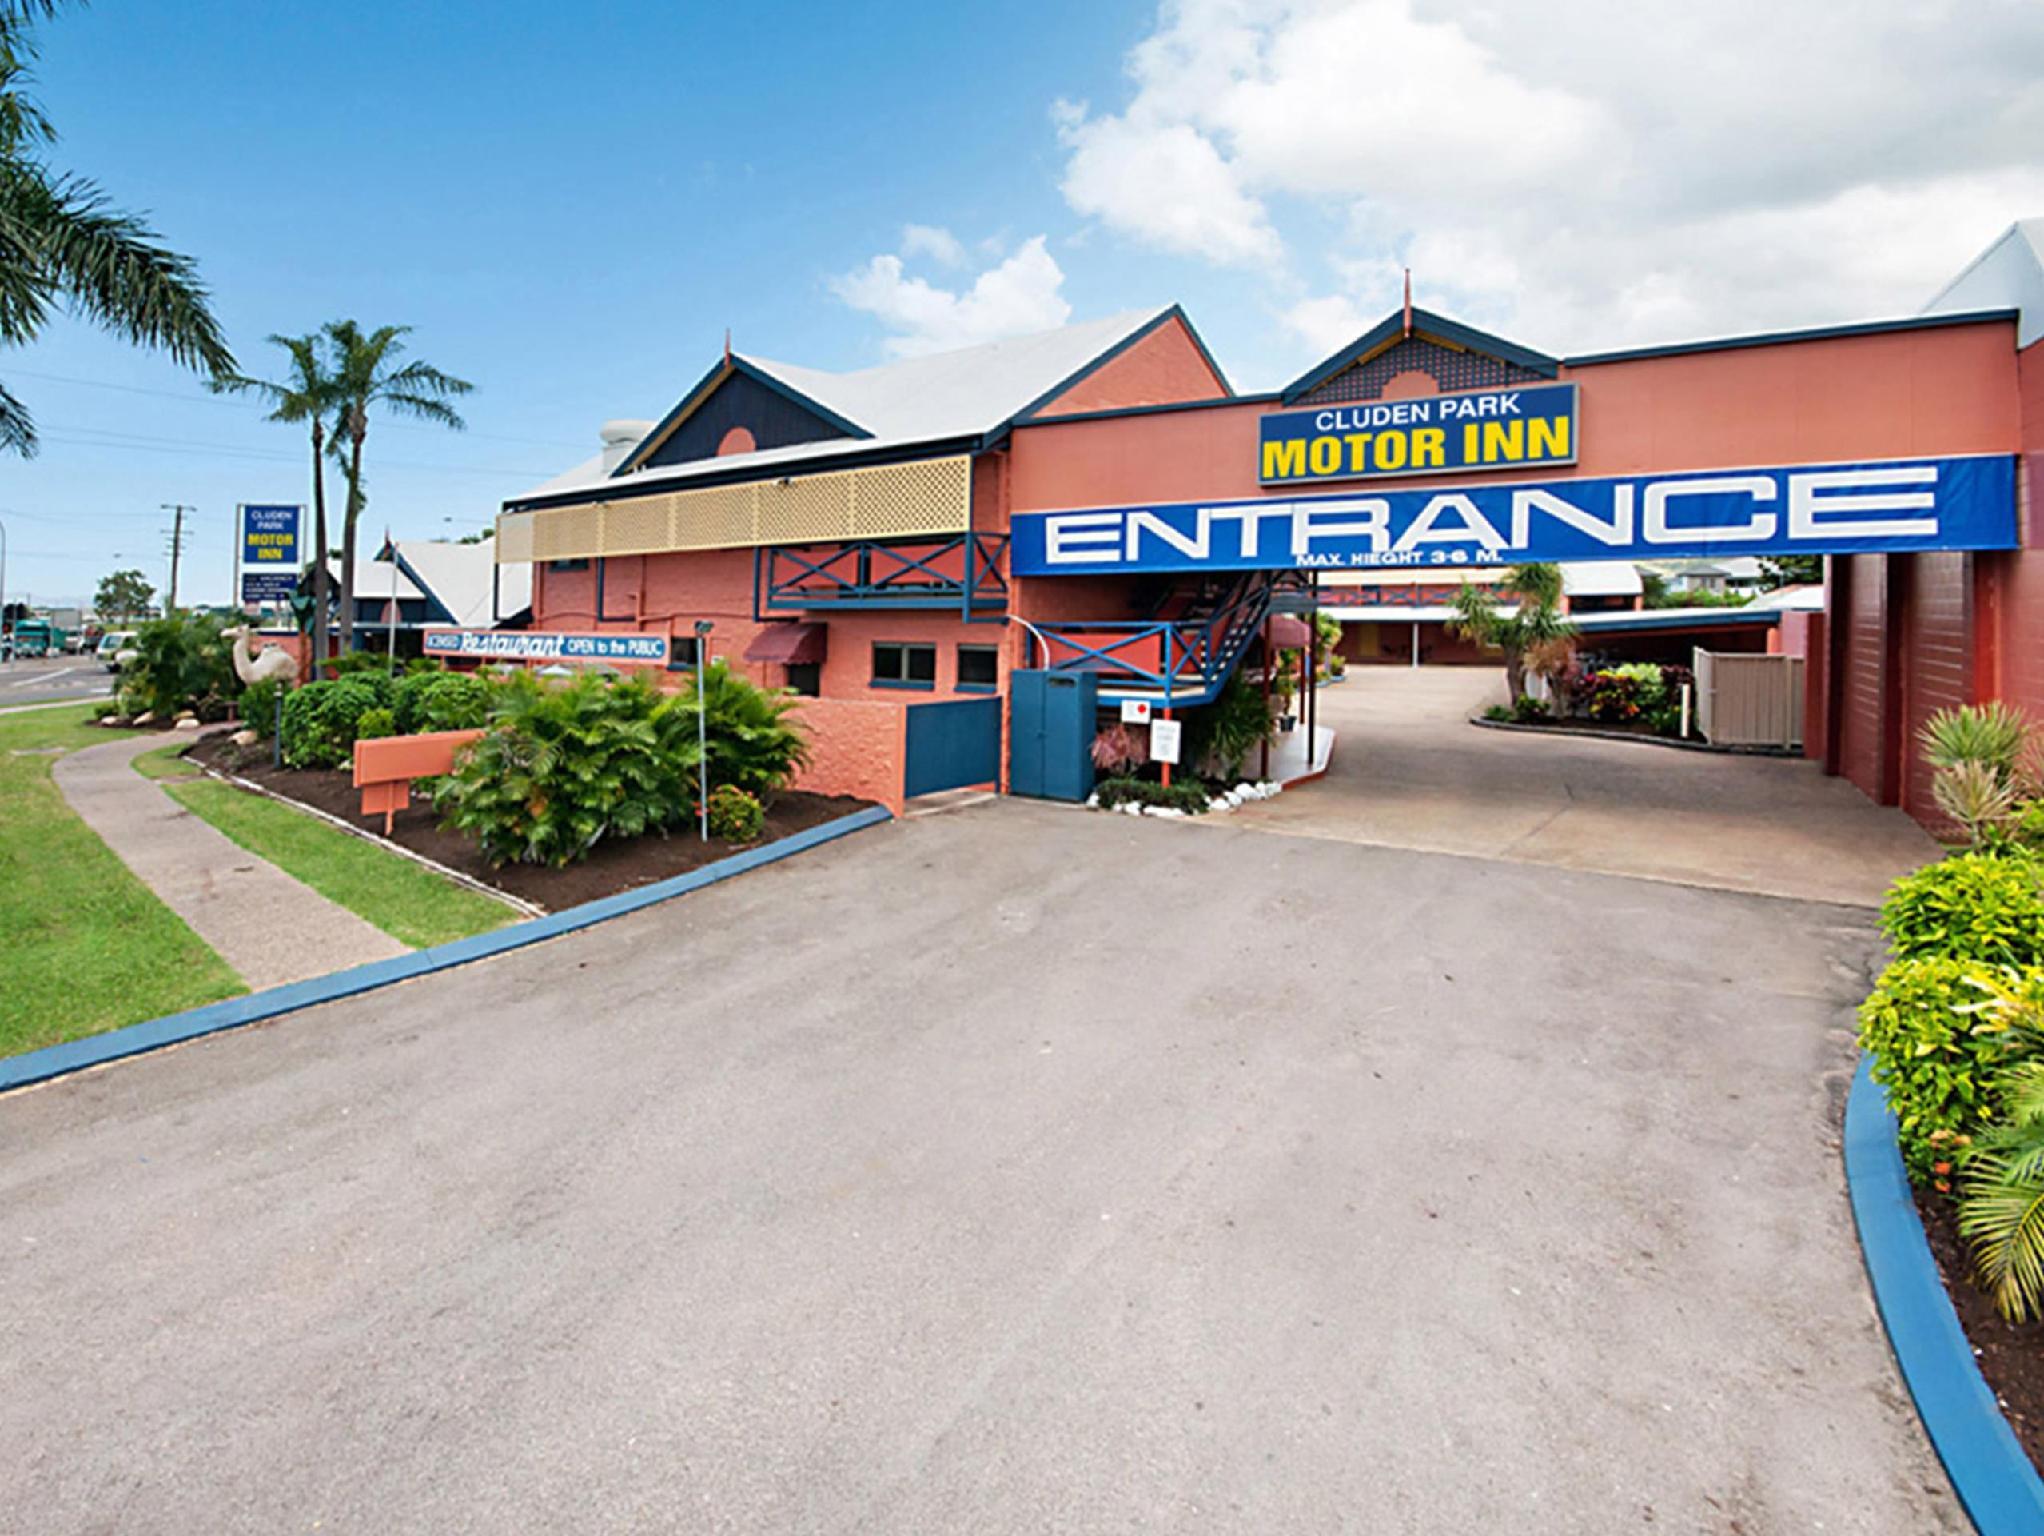 Cluden Park Motor Inn